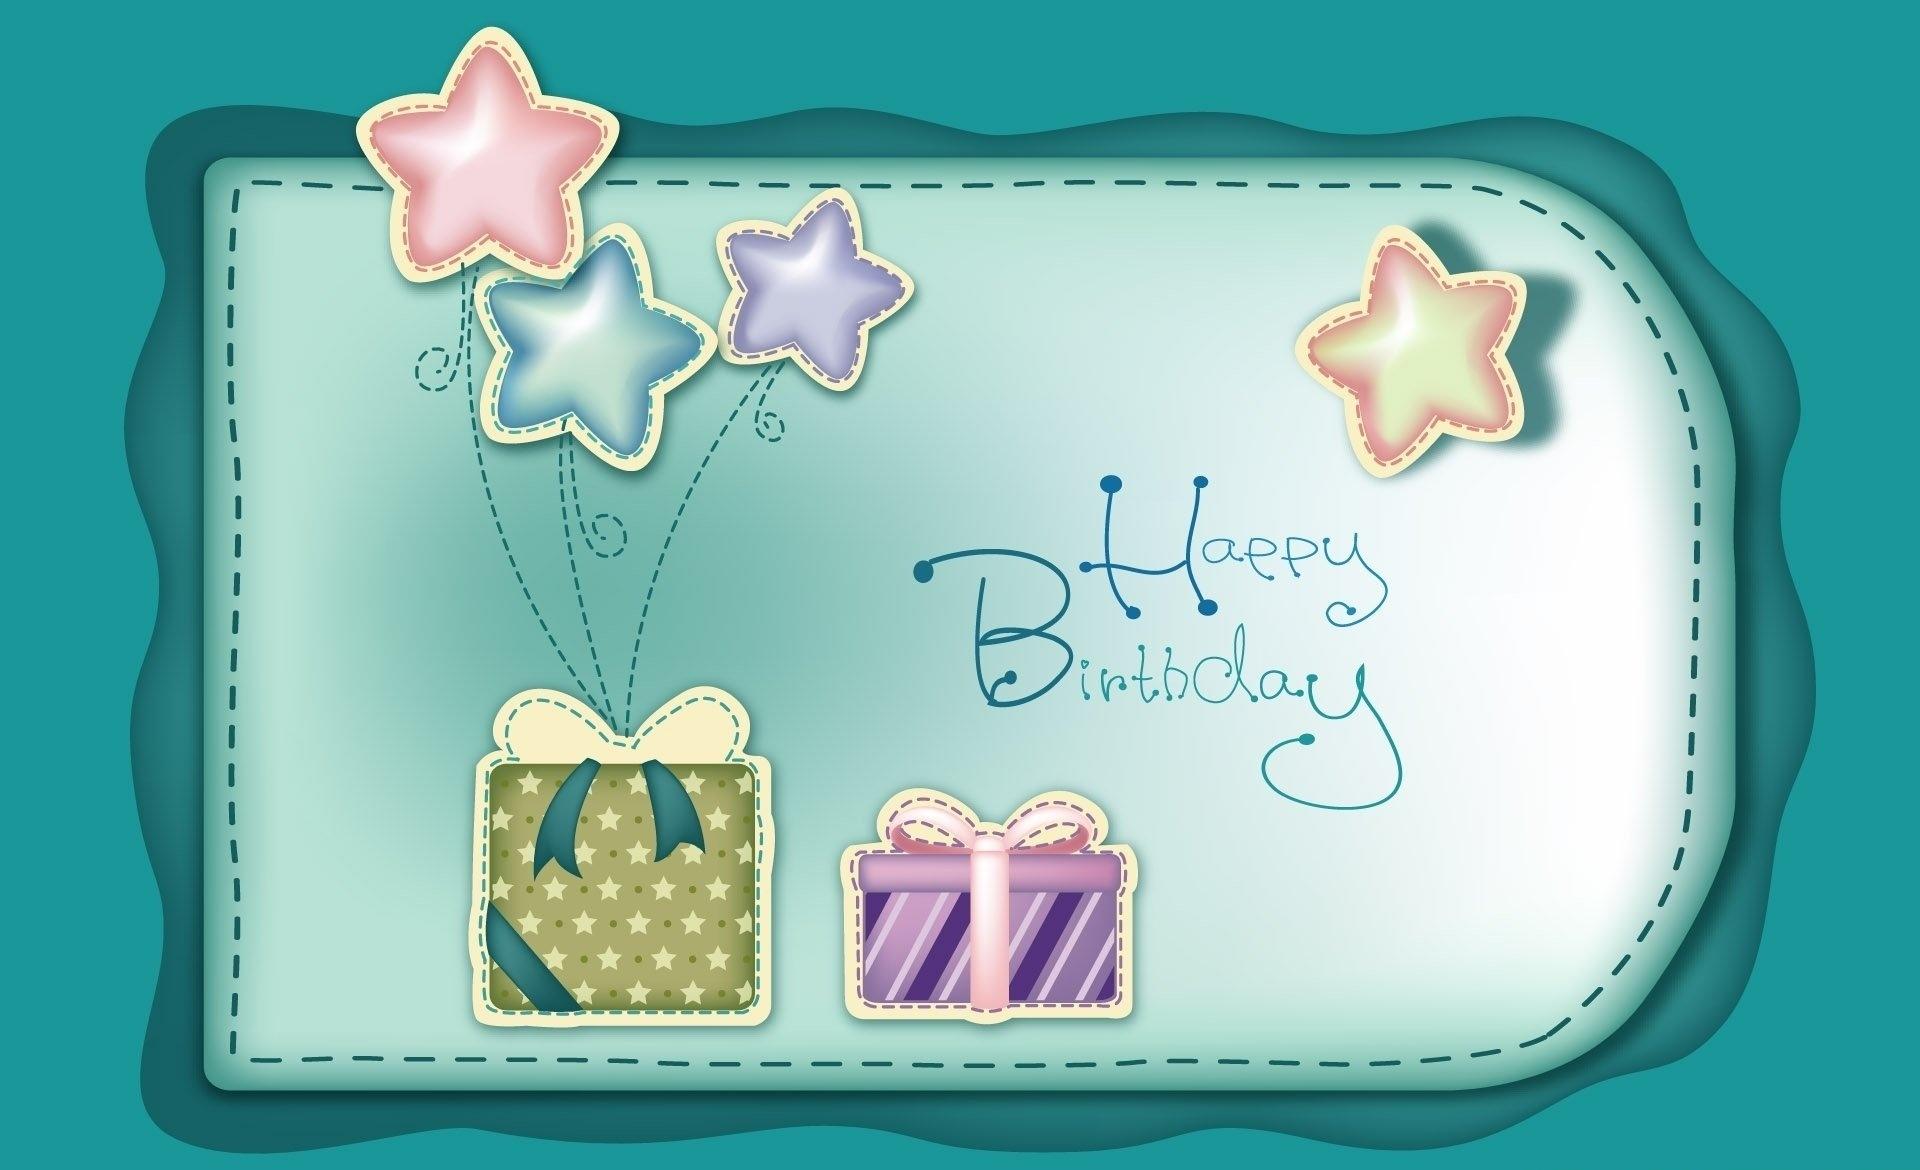 Открытка С днем рождения - С Днем Рождения поздравительные картинки